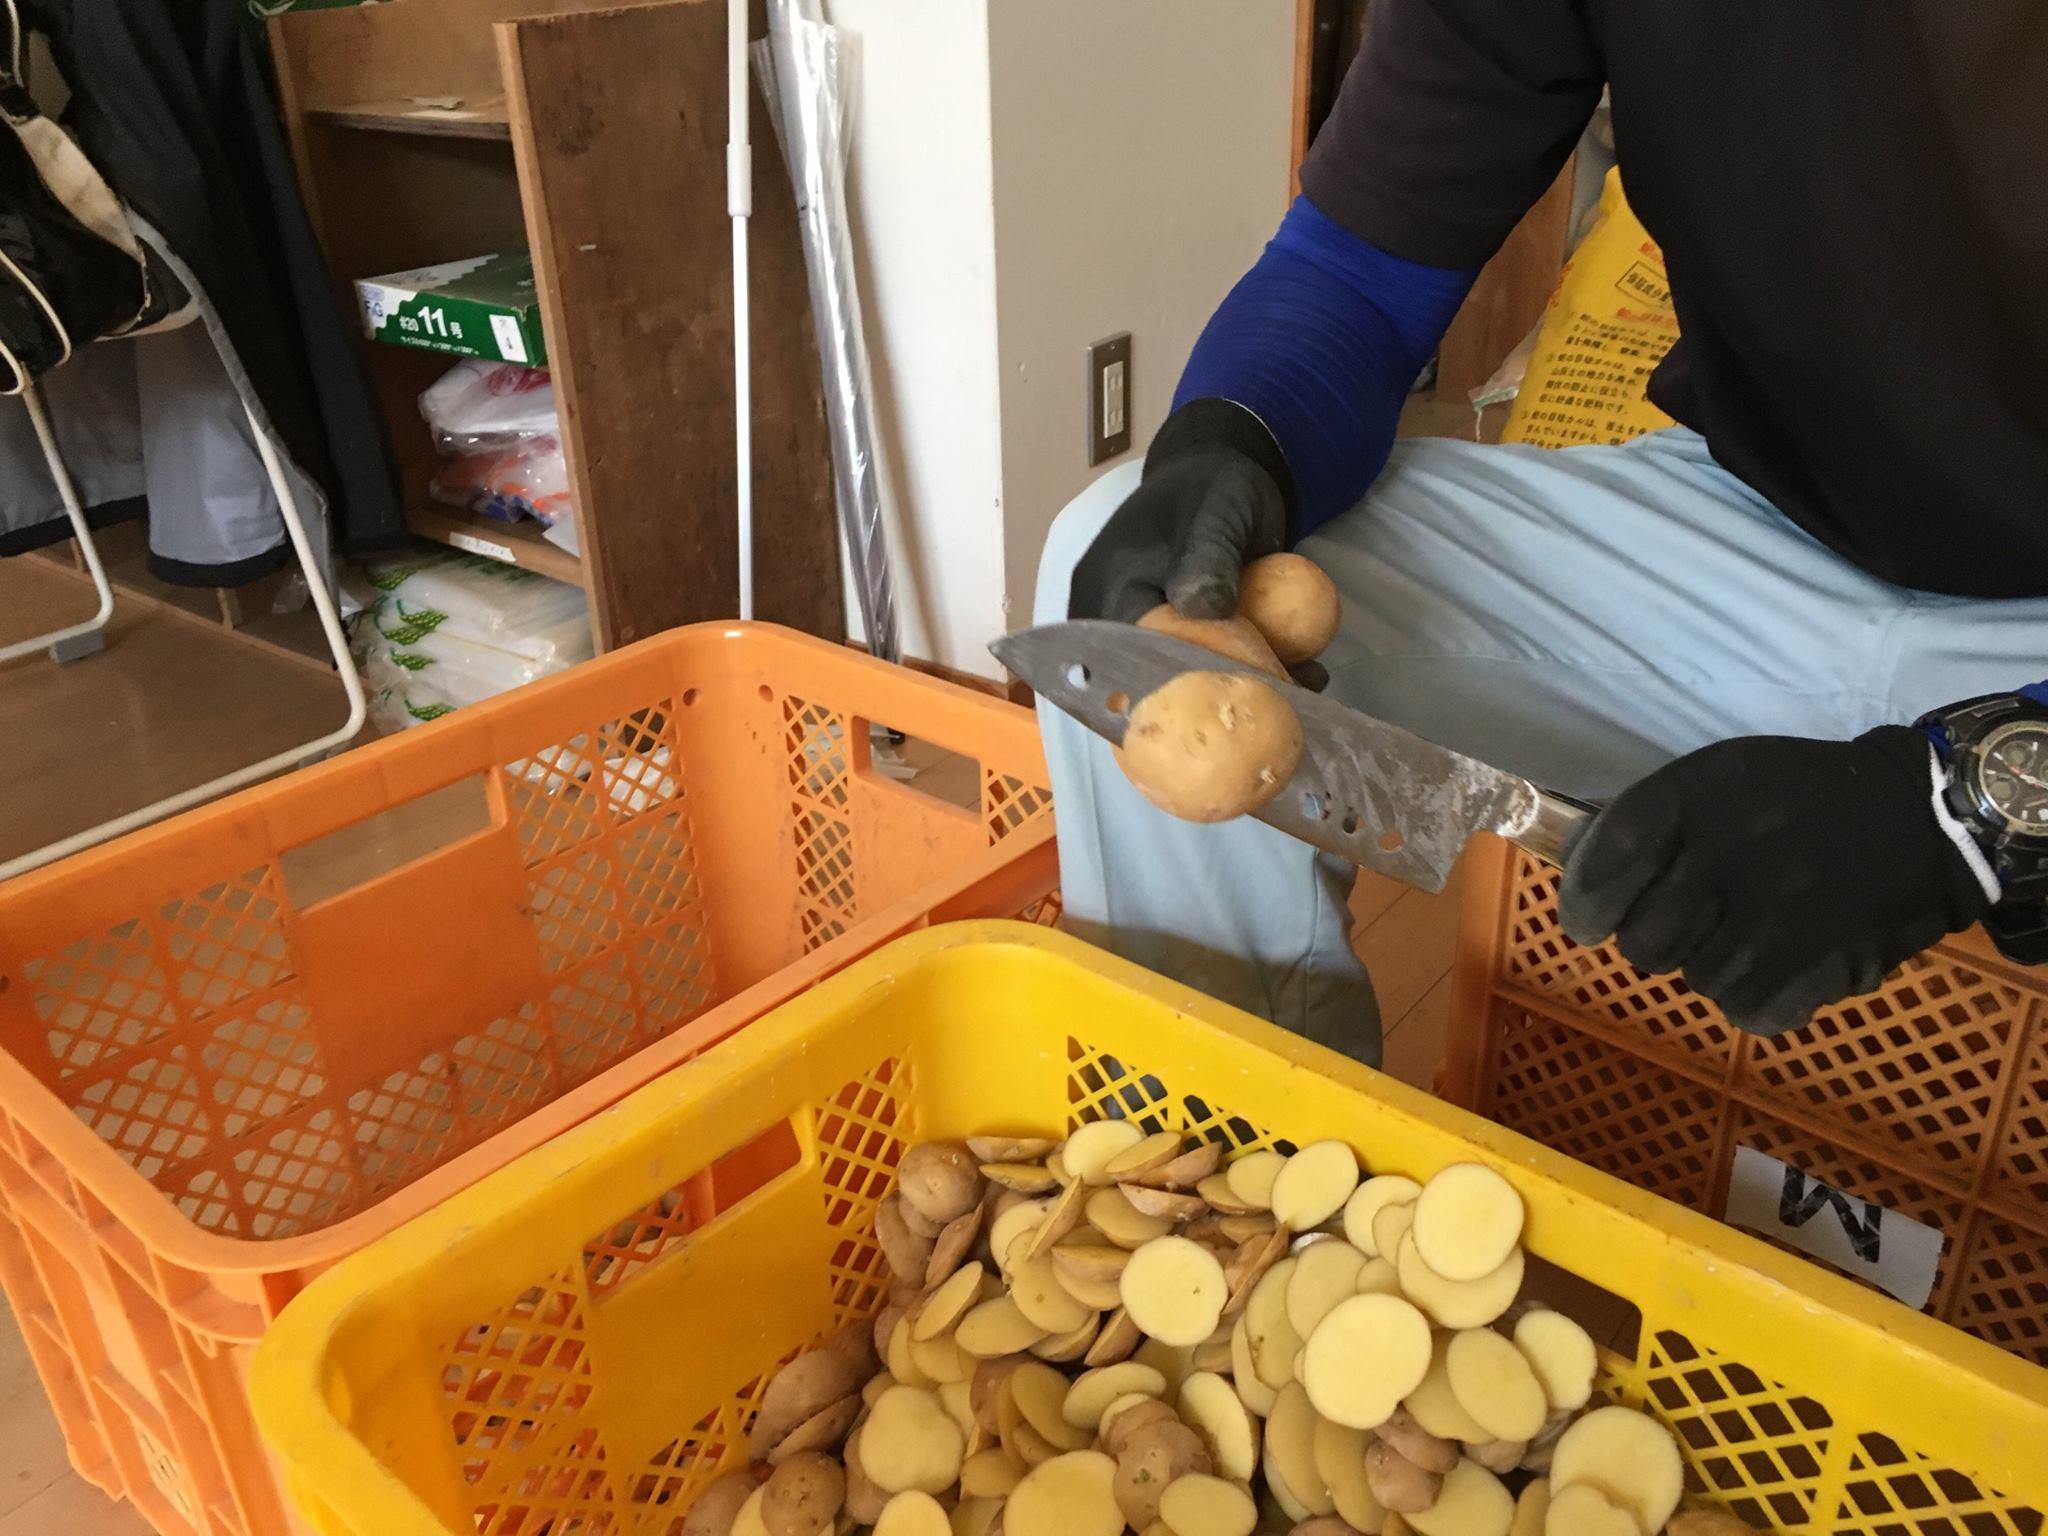 12月の収穫に向けて種芋切り、定植を行っています。